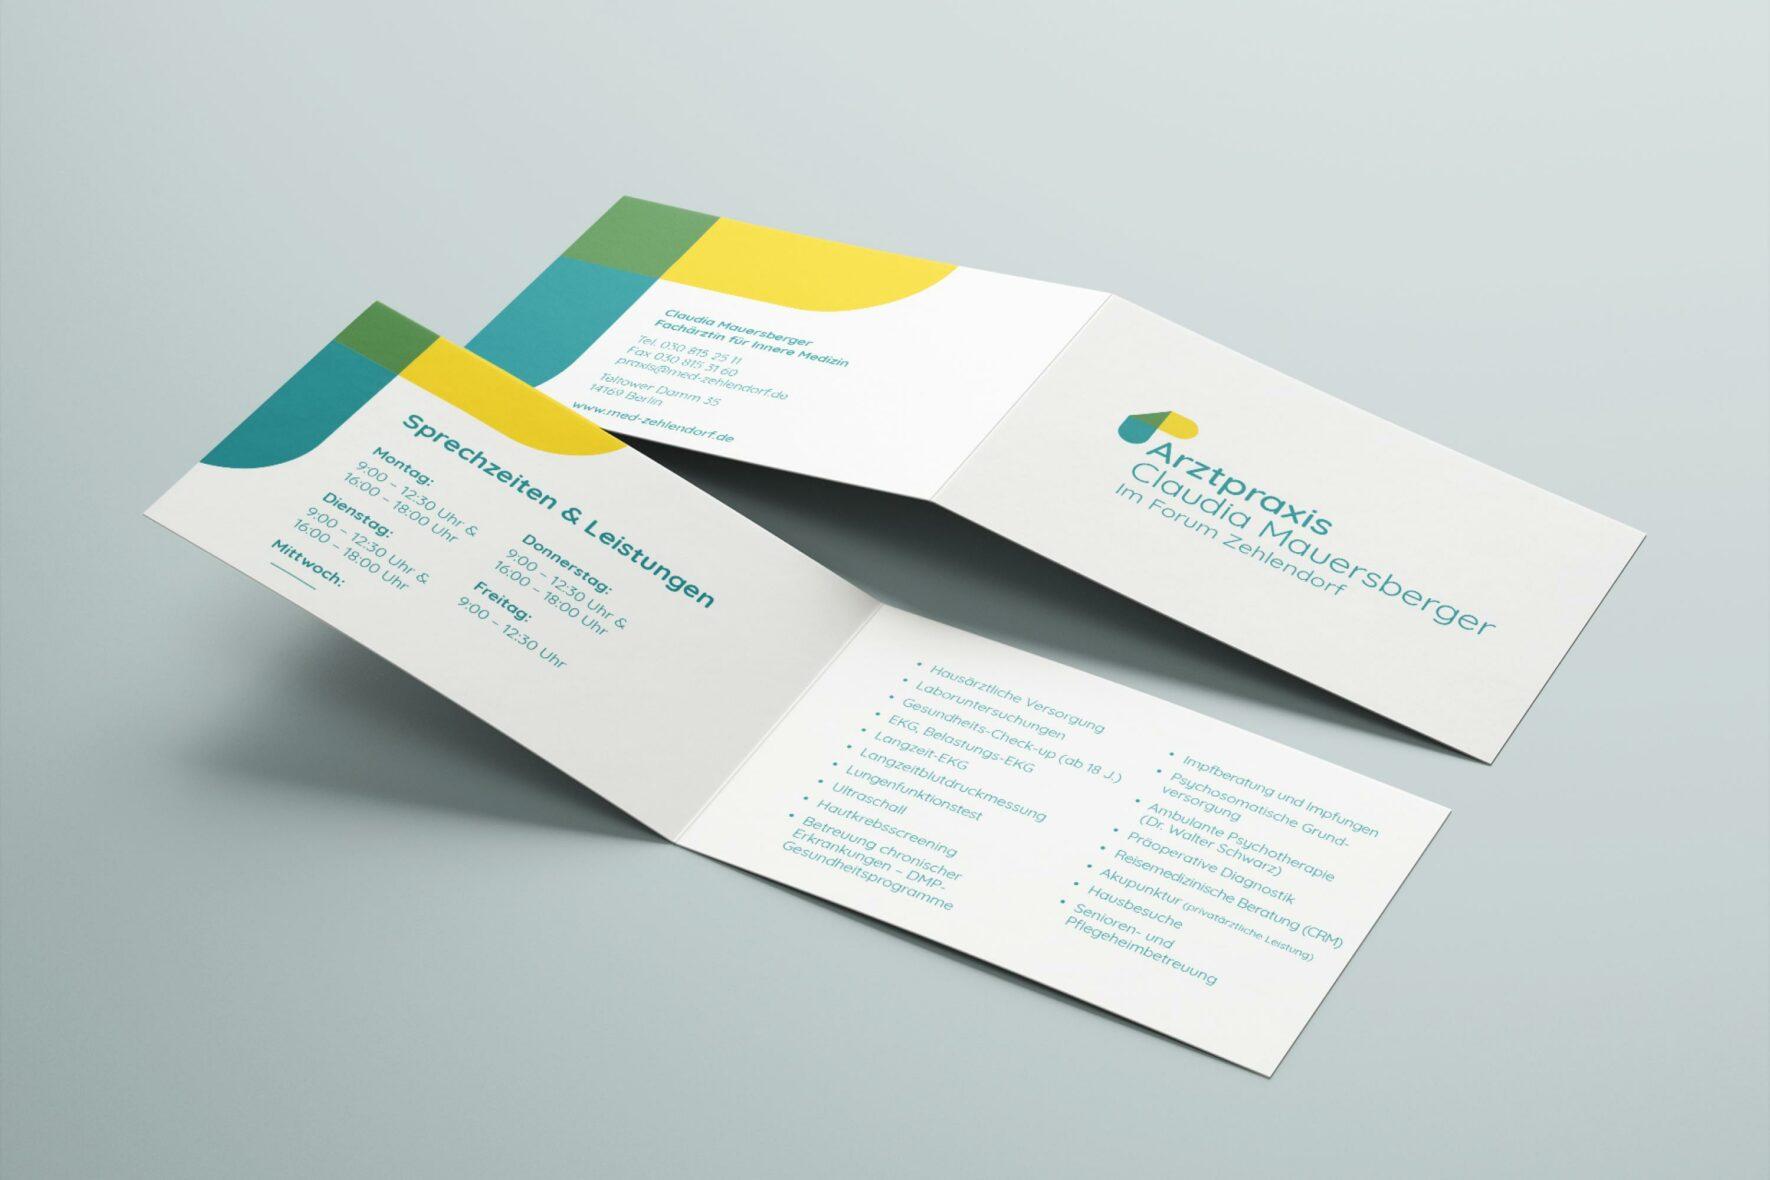 Praxis-Claudia-Mauersberger-Corporate-Design-Print-Geschaeftsausstattung-Visitenkarten-FORMLOS-Berlin4